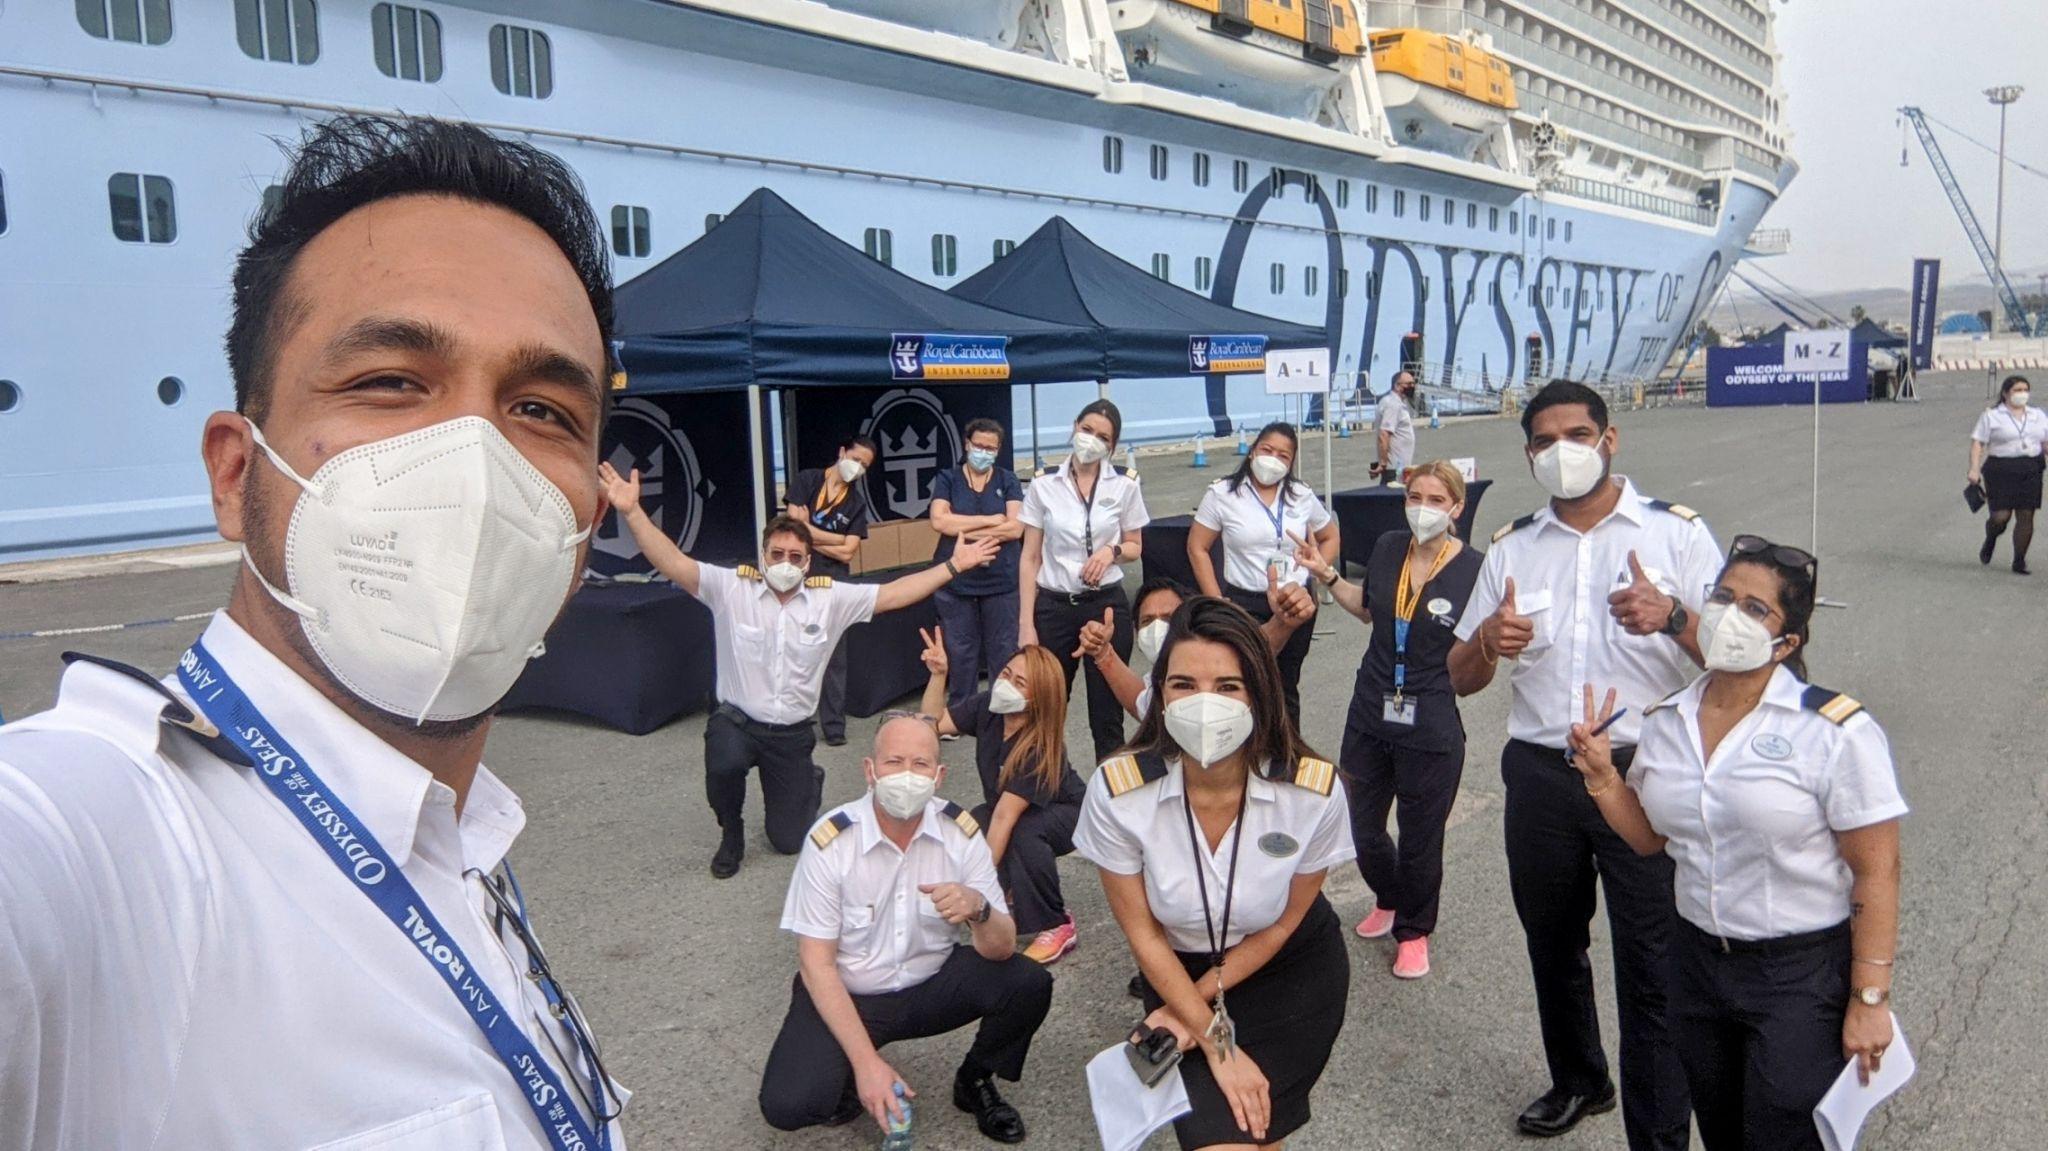 Besætningsmedlemmer fra Royal Caribbean-skibet Odyssey of the Seas gør klar til igen at sejle. Rederiet kræver, at alle passagerer over 12 år skal være færdigvaccineret. Besætningerne er også vaccineret.PR-foto fra Royal Caribbean Group.